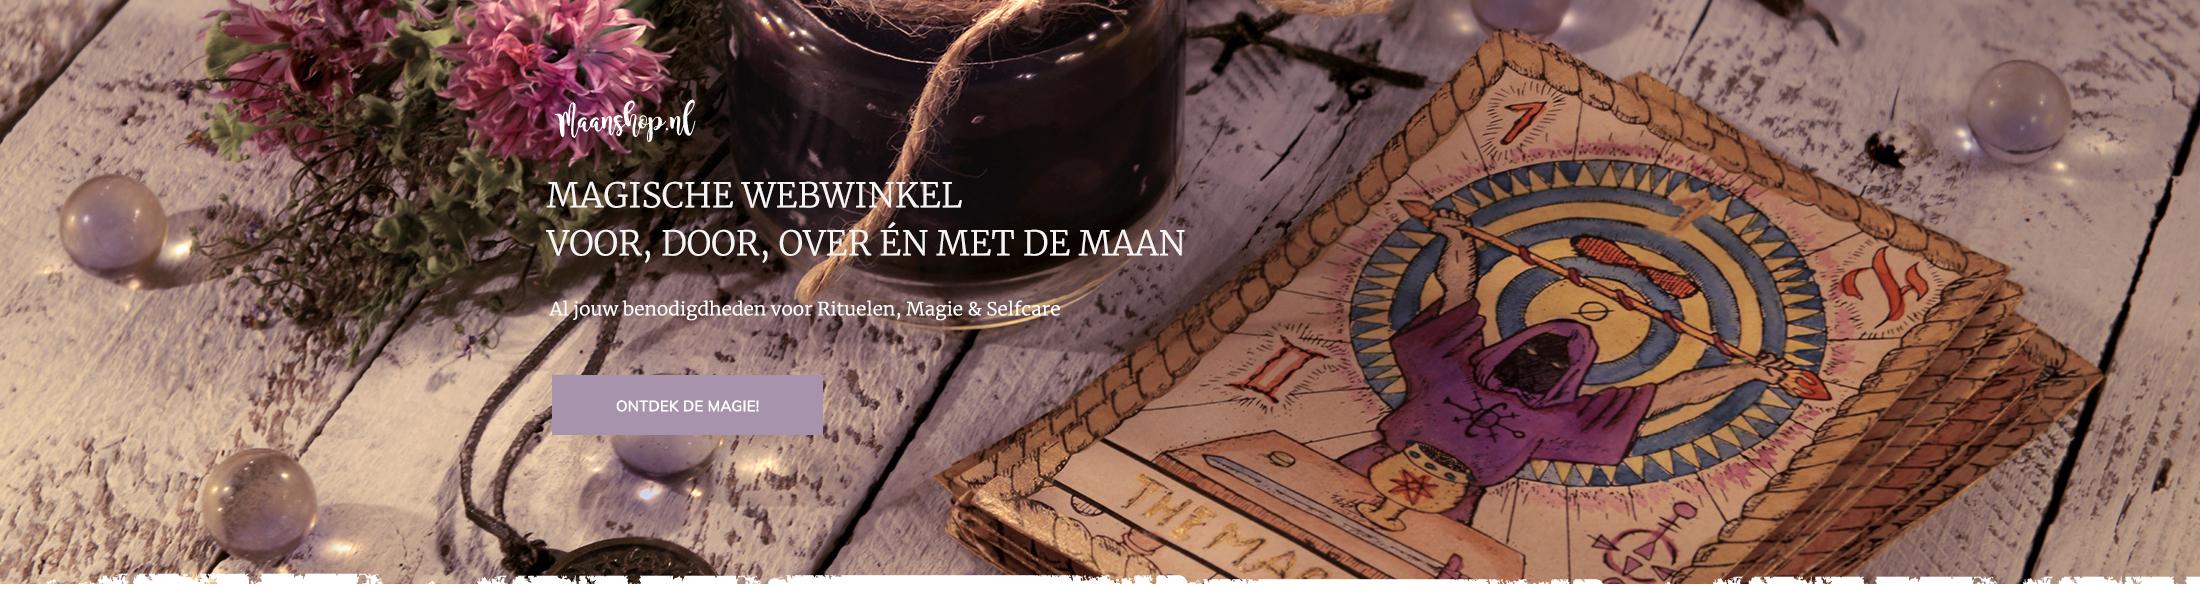 Maanshop.nl